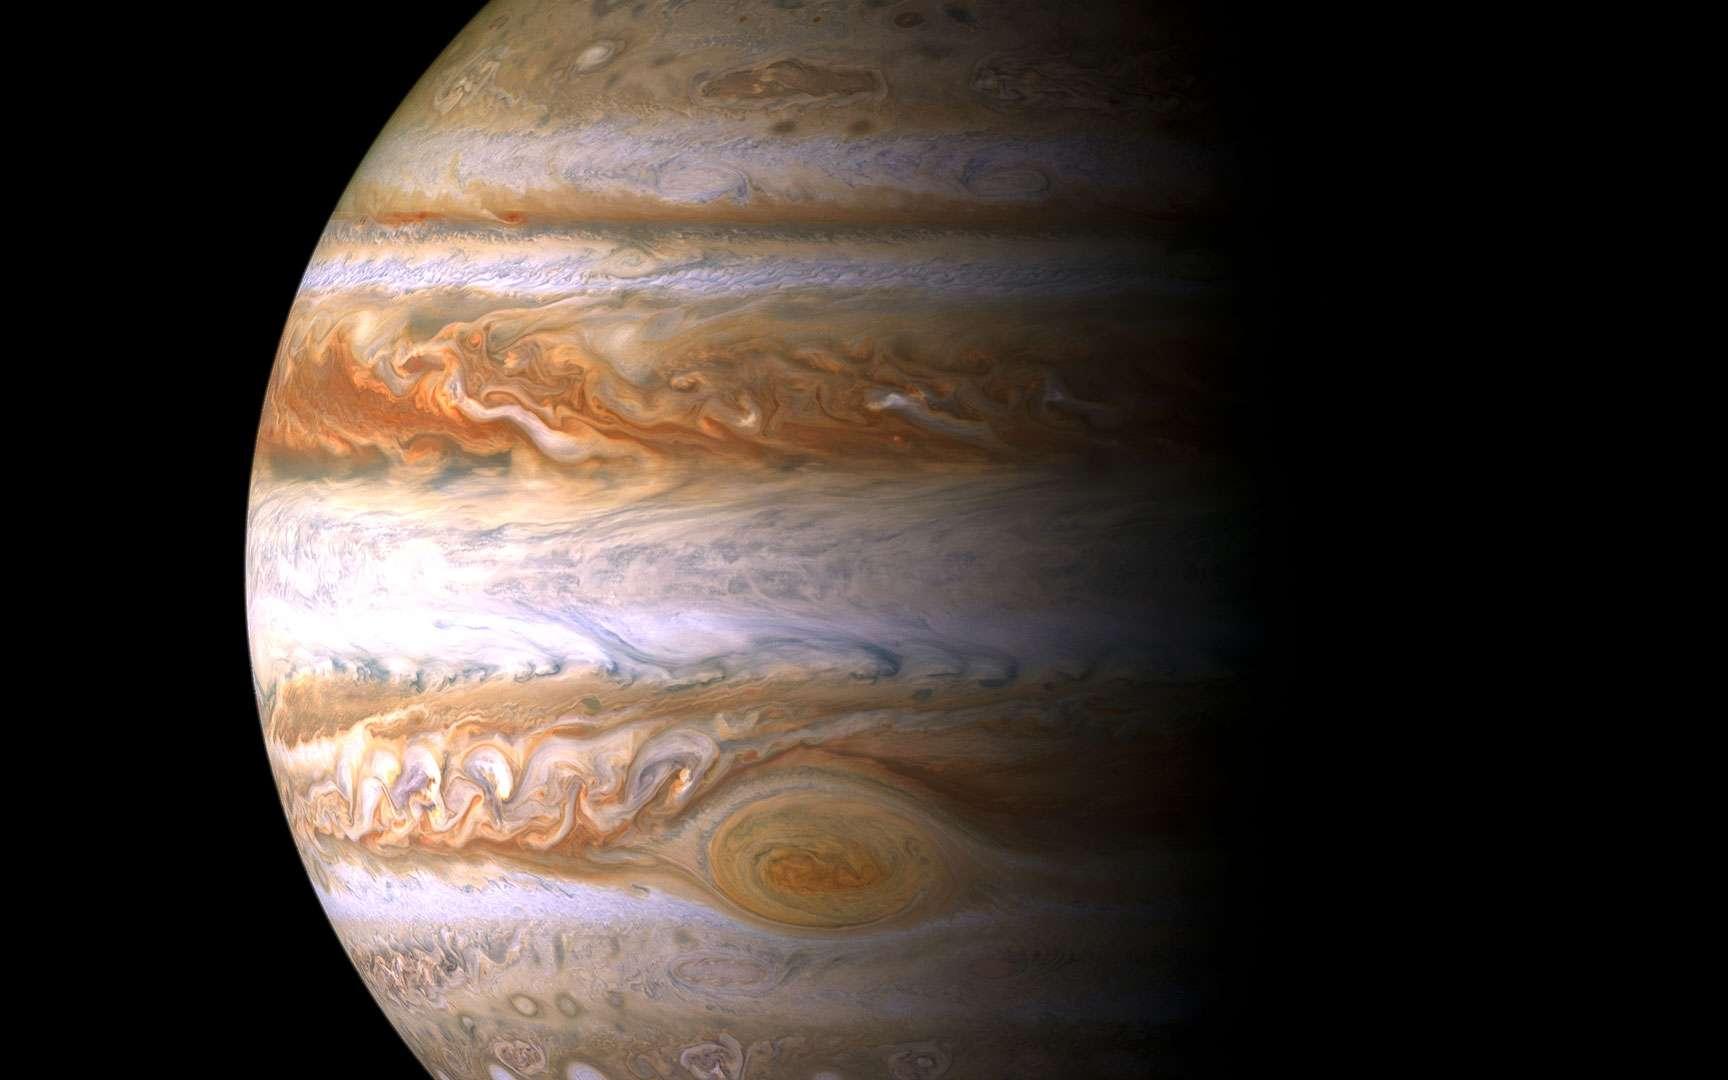 Jupiter. Mosaïque en couleur constituée de 27 images prises de neuf endroits (en rouge, vert et bleu) par la sonde Cassini-Huygens le 29 décembre 2000, alors qu'elle se trouvait à 10 millions de km de Jupiter. Il s'agit du portrait le plus fin de Jupiter jamais réalisé, qui permet de visualiser des détails dont les plus petits mesurent 60 km.